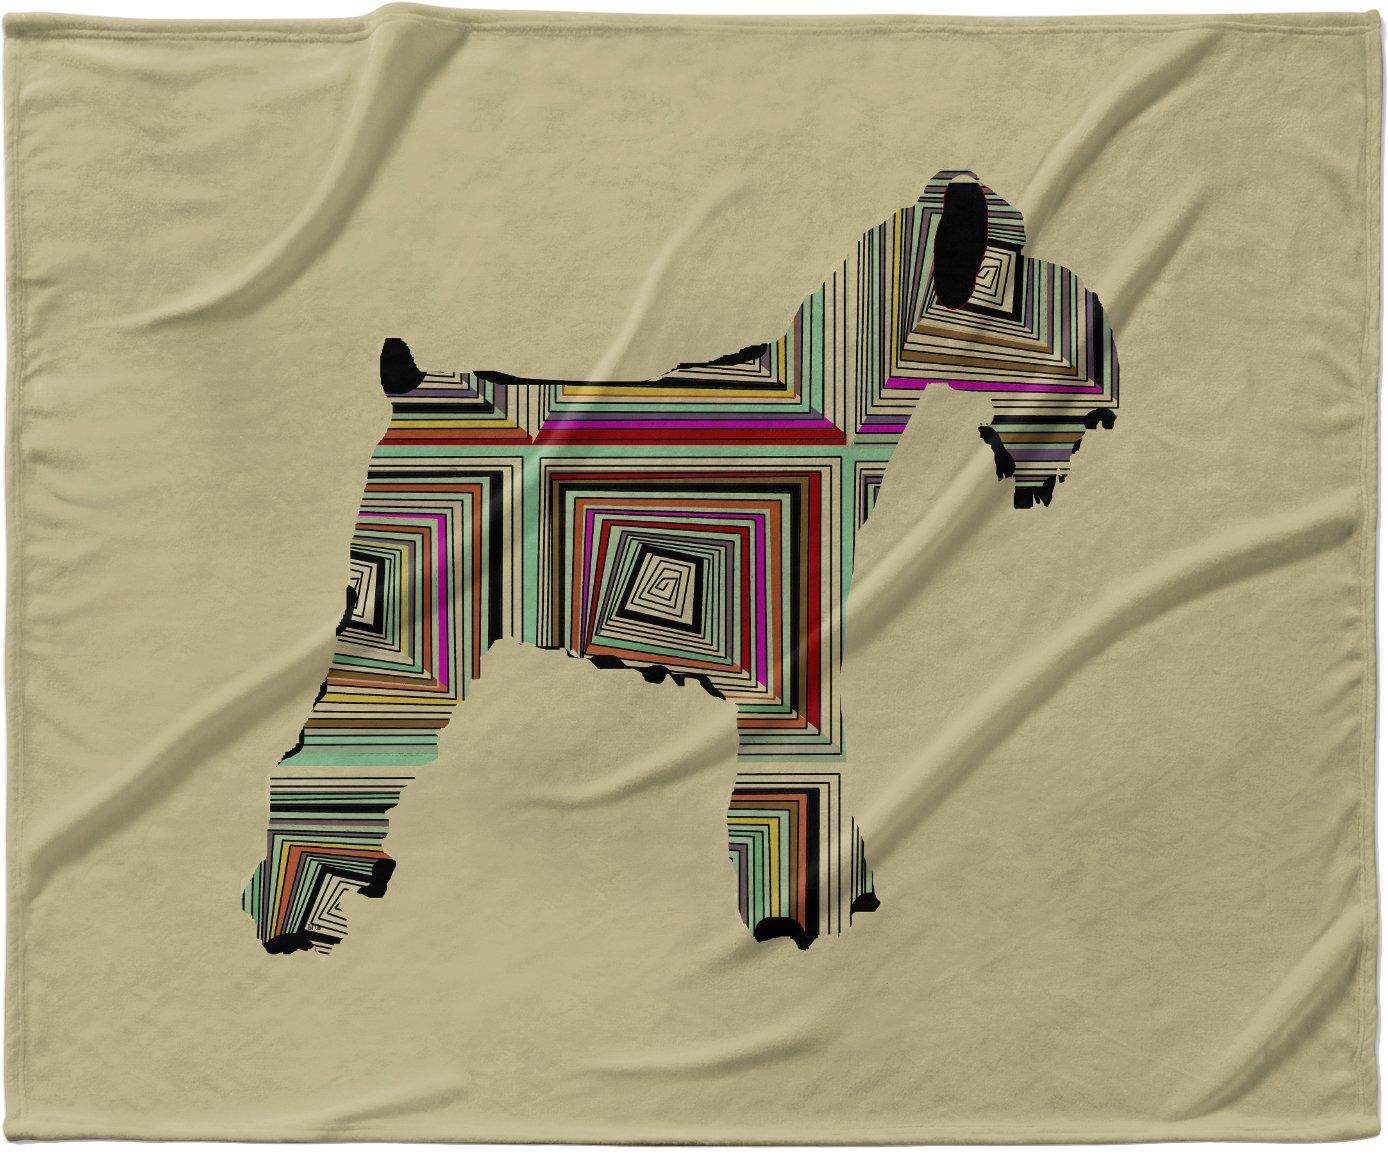 40 x 30 KESS InHouse Bri Buckley Schuavzer Brown Fleece Baby Blanket